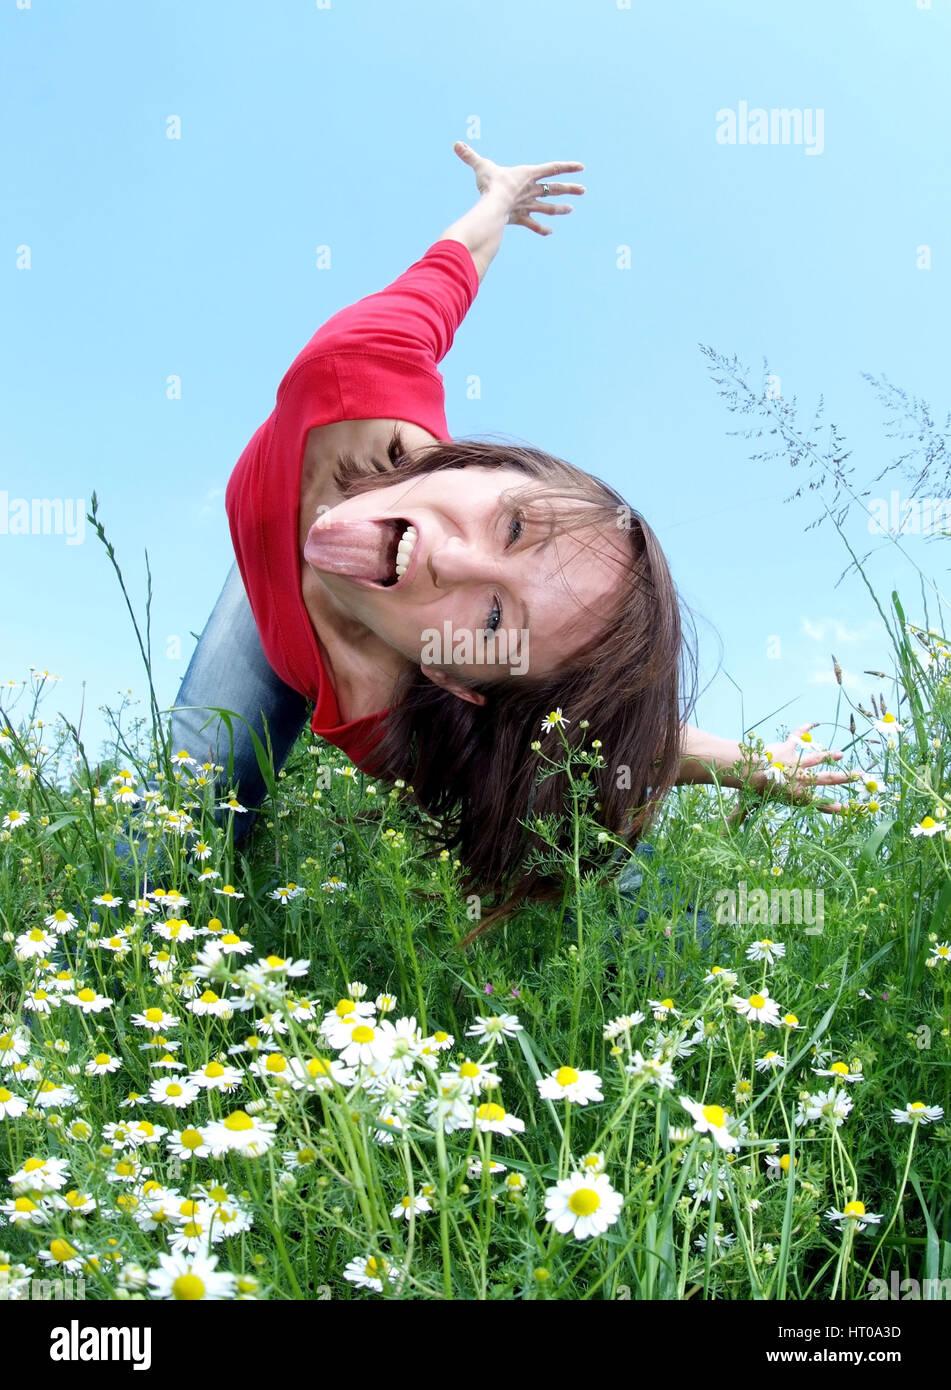 Ausgelassene, junge Frau steht in der Wiese und zeigt die Zunge - frolic young woman in meadow - Stock Image